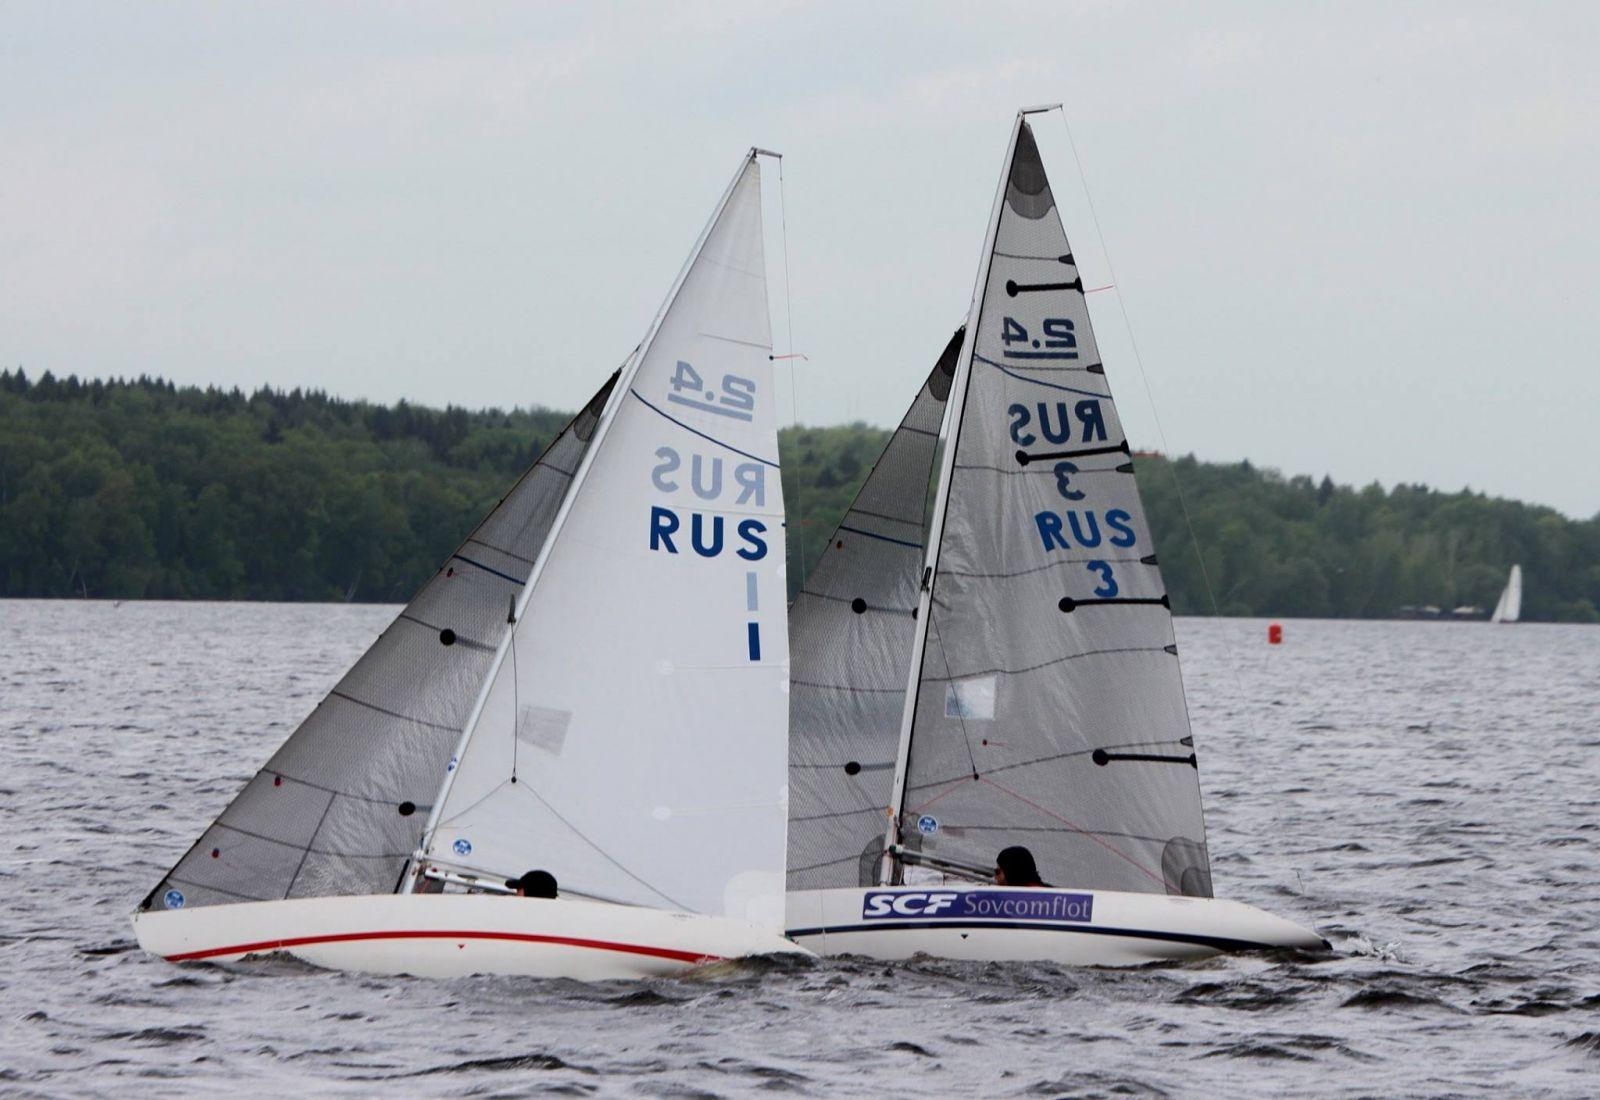 Ведущие яхтсмены страны по итогам 12 гонок определят победителей и призеров чемпионата России по парусному спорту среди лиц с ПОДА